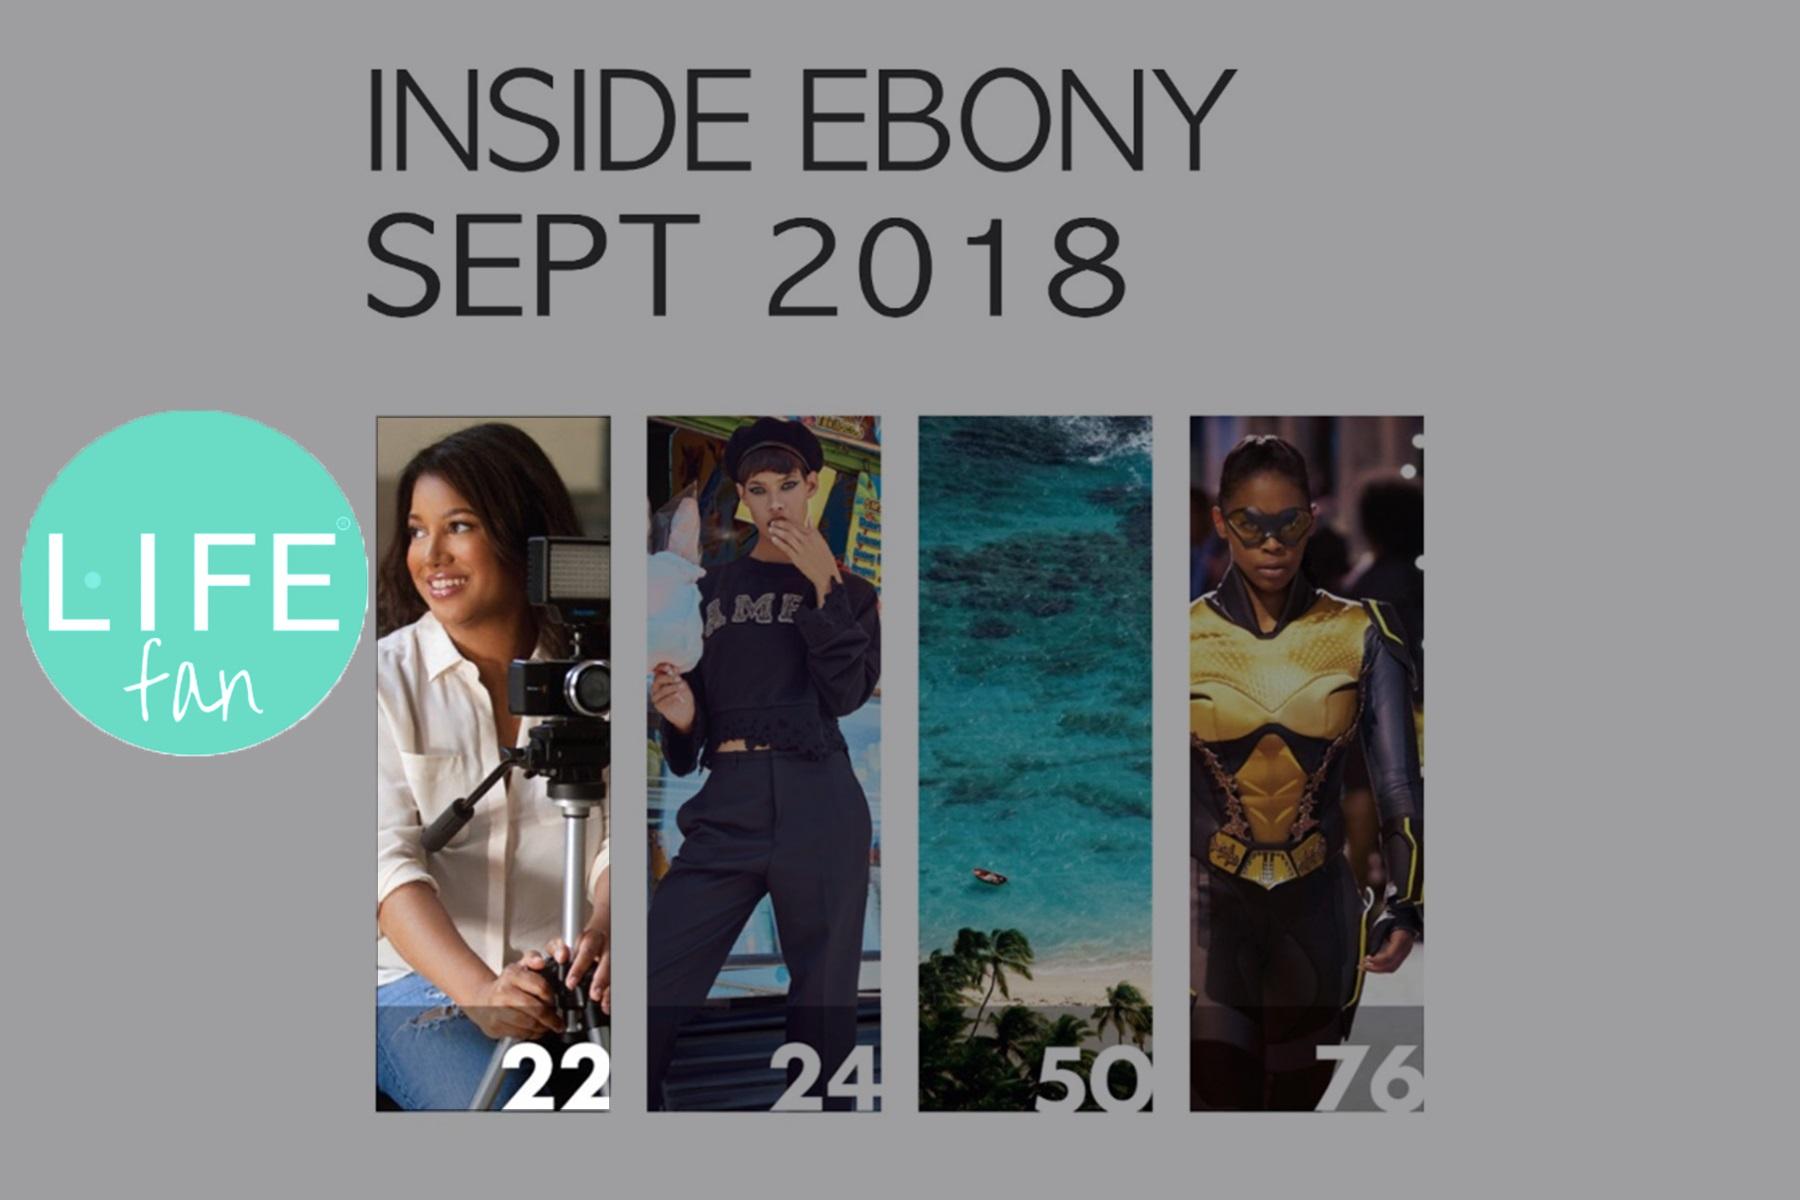 Ebony Life Fan combo.jpg